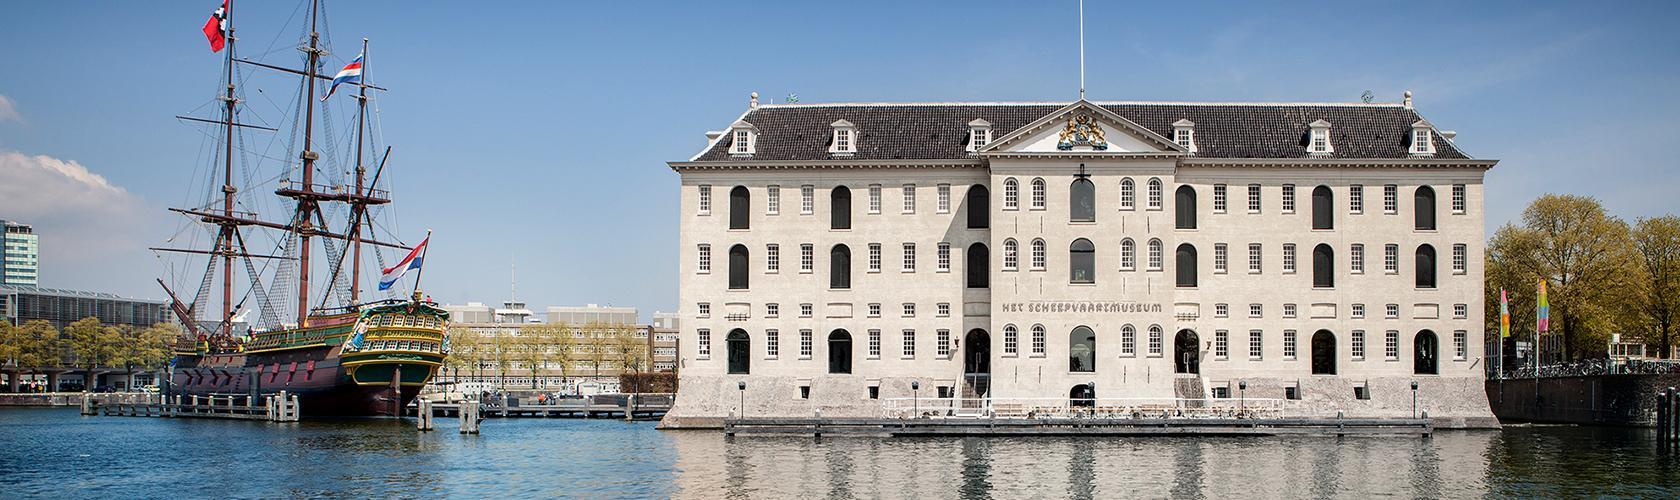 The Maritime Museum Exterior